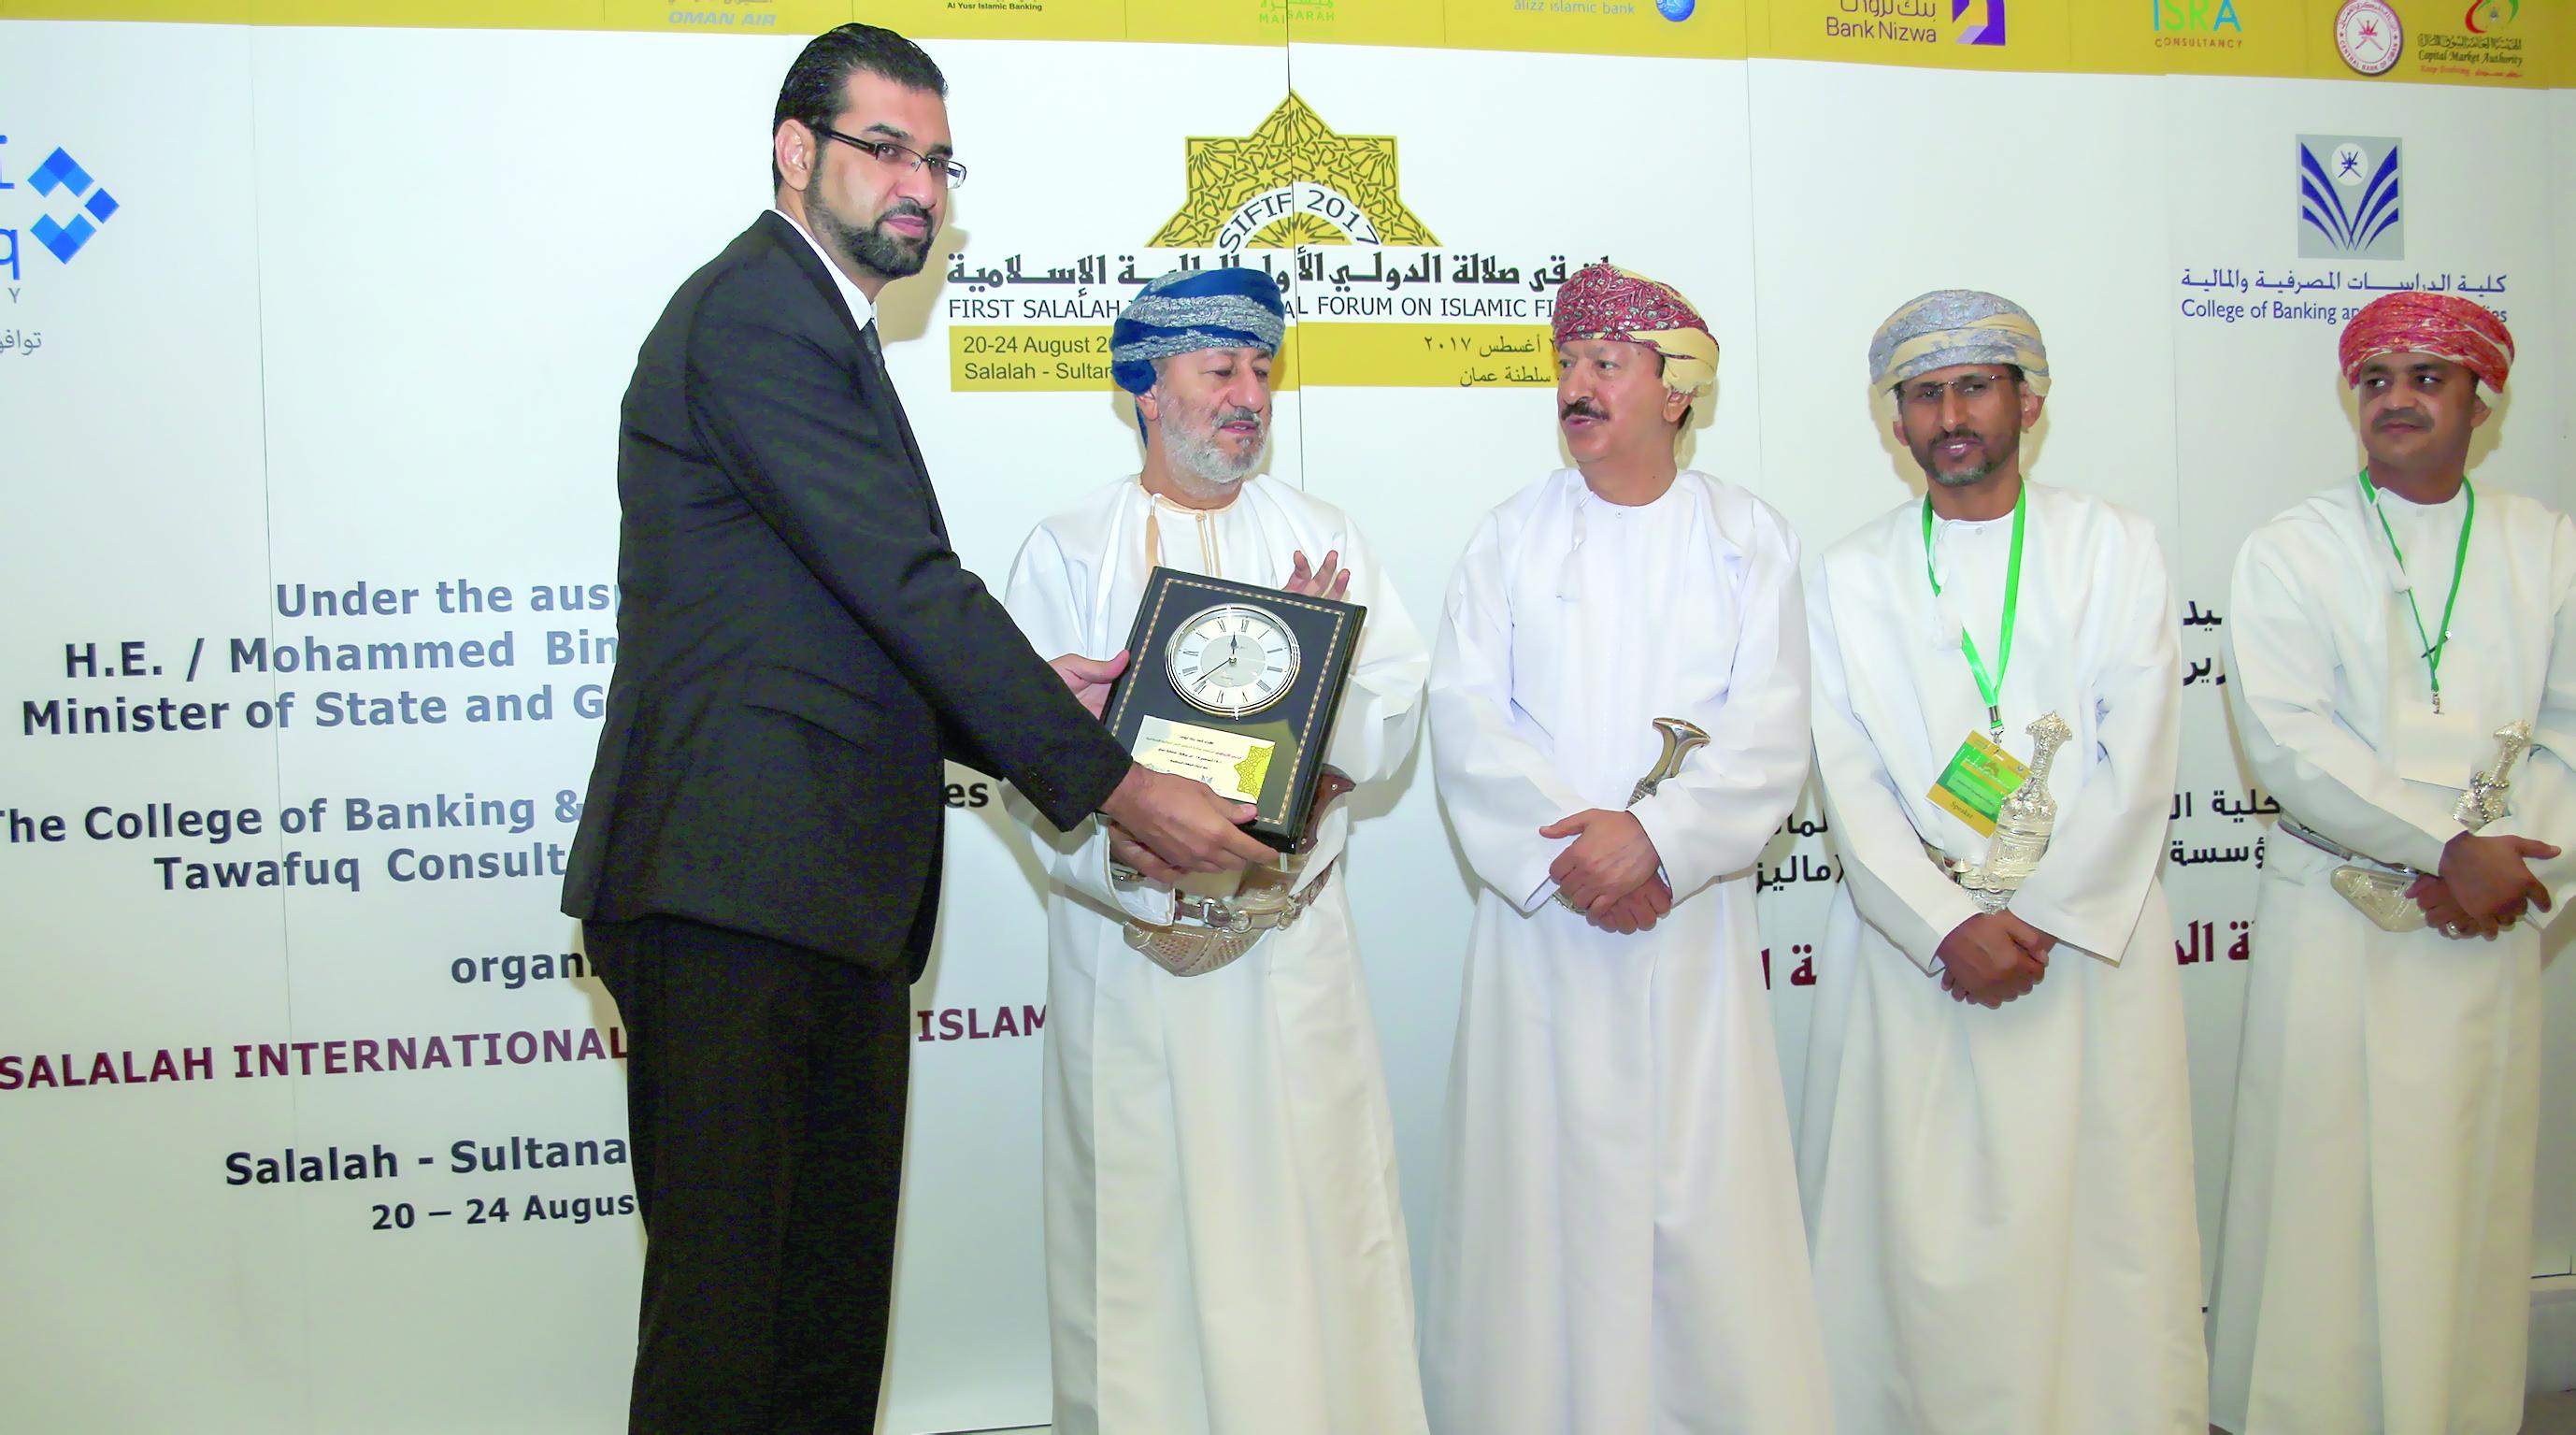 بنك نزوى يشارك في ملتقى صلالة الدولي الأول للمالية الإسلامية